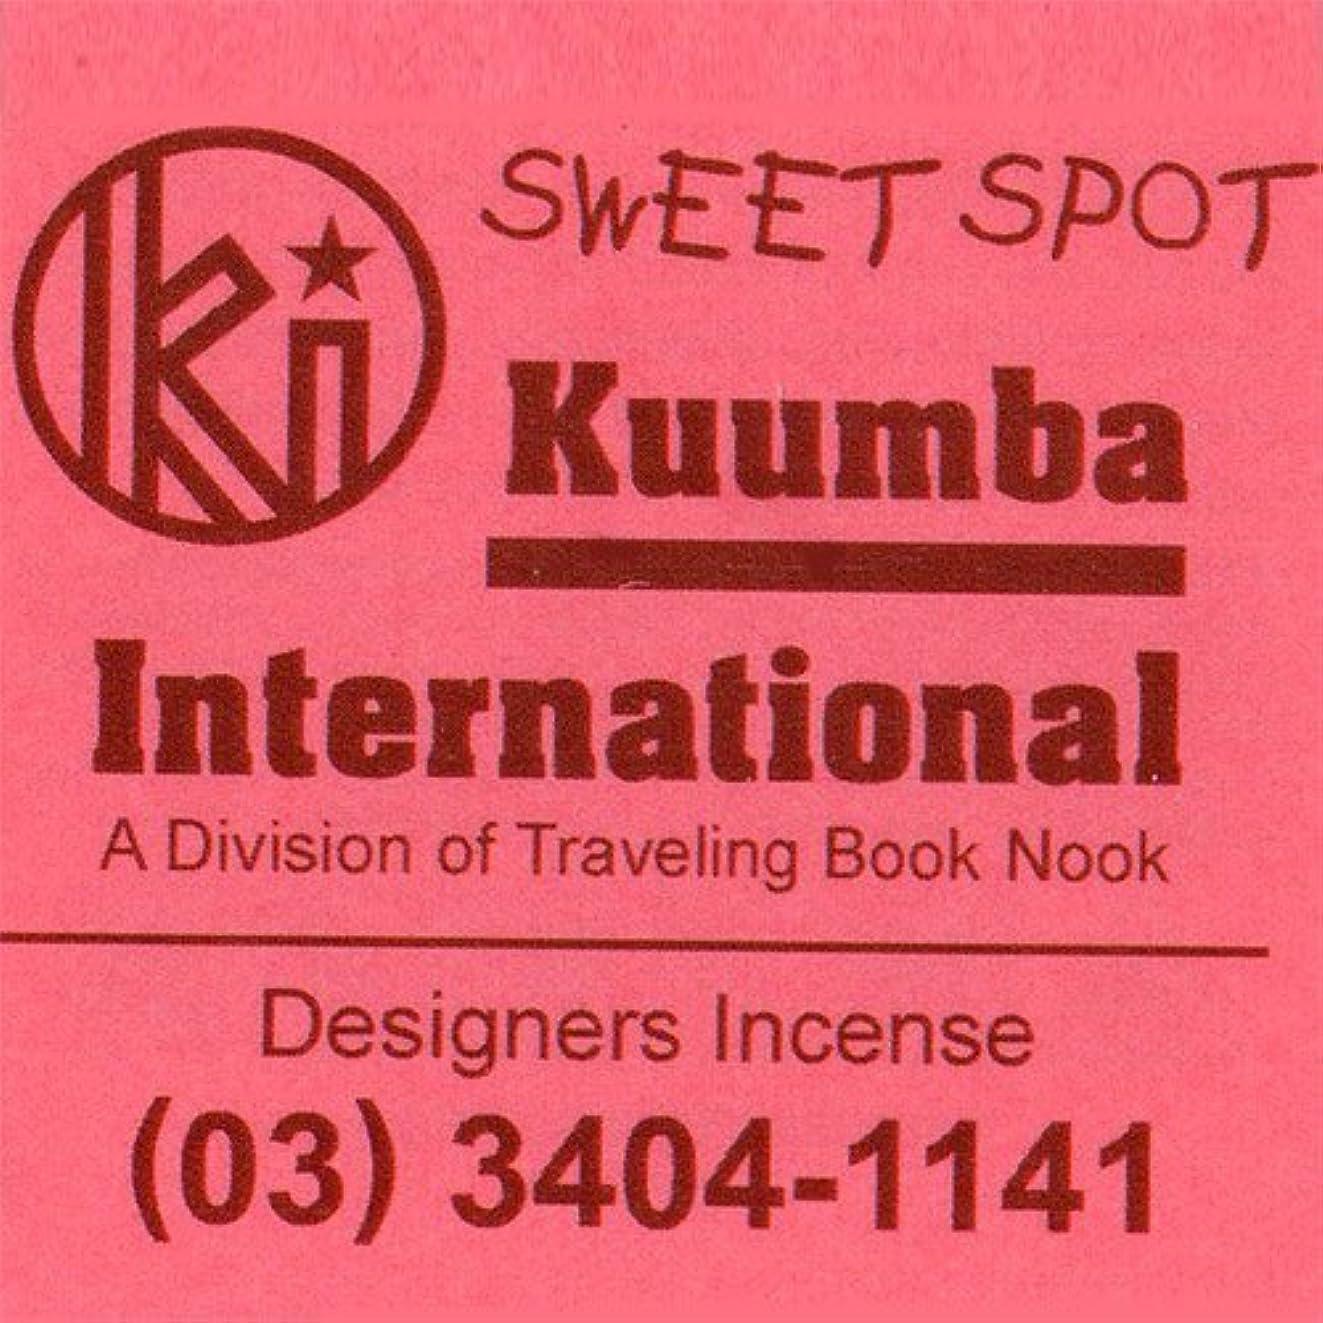 ケーブルの頭の上柔らかいKUUMBA / クンバ『incense』(SWEET SPOT) (Regular size)